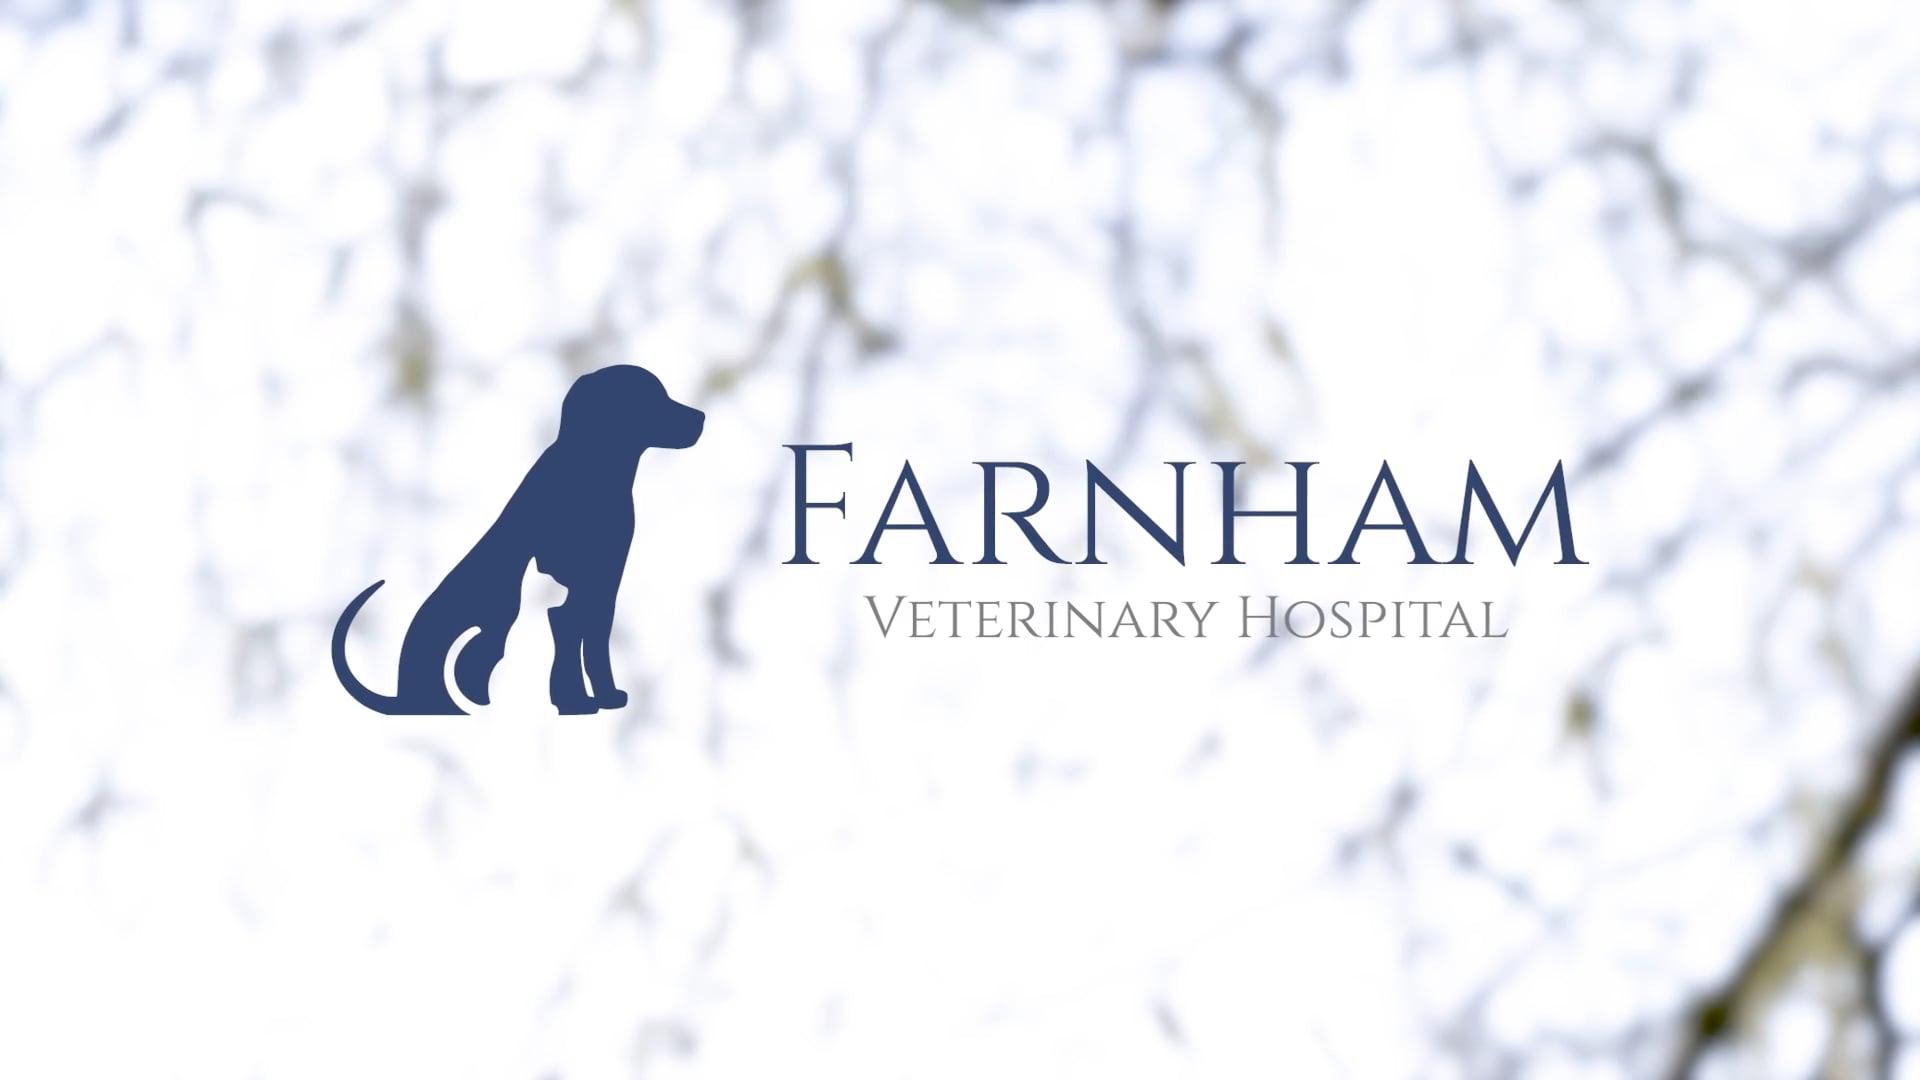 Farnham Veterinary Hospital